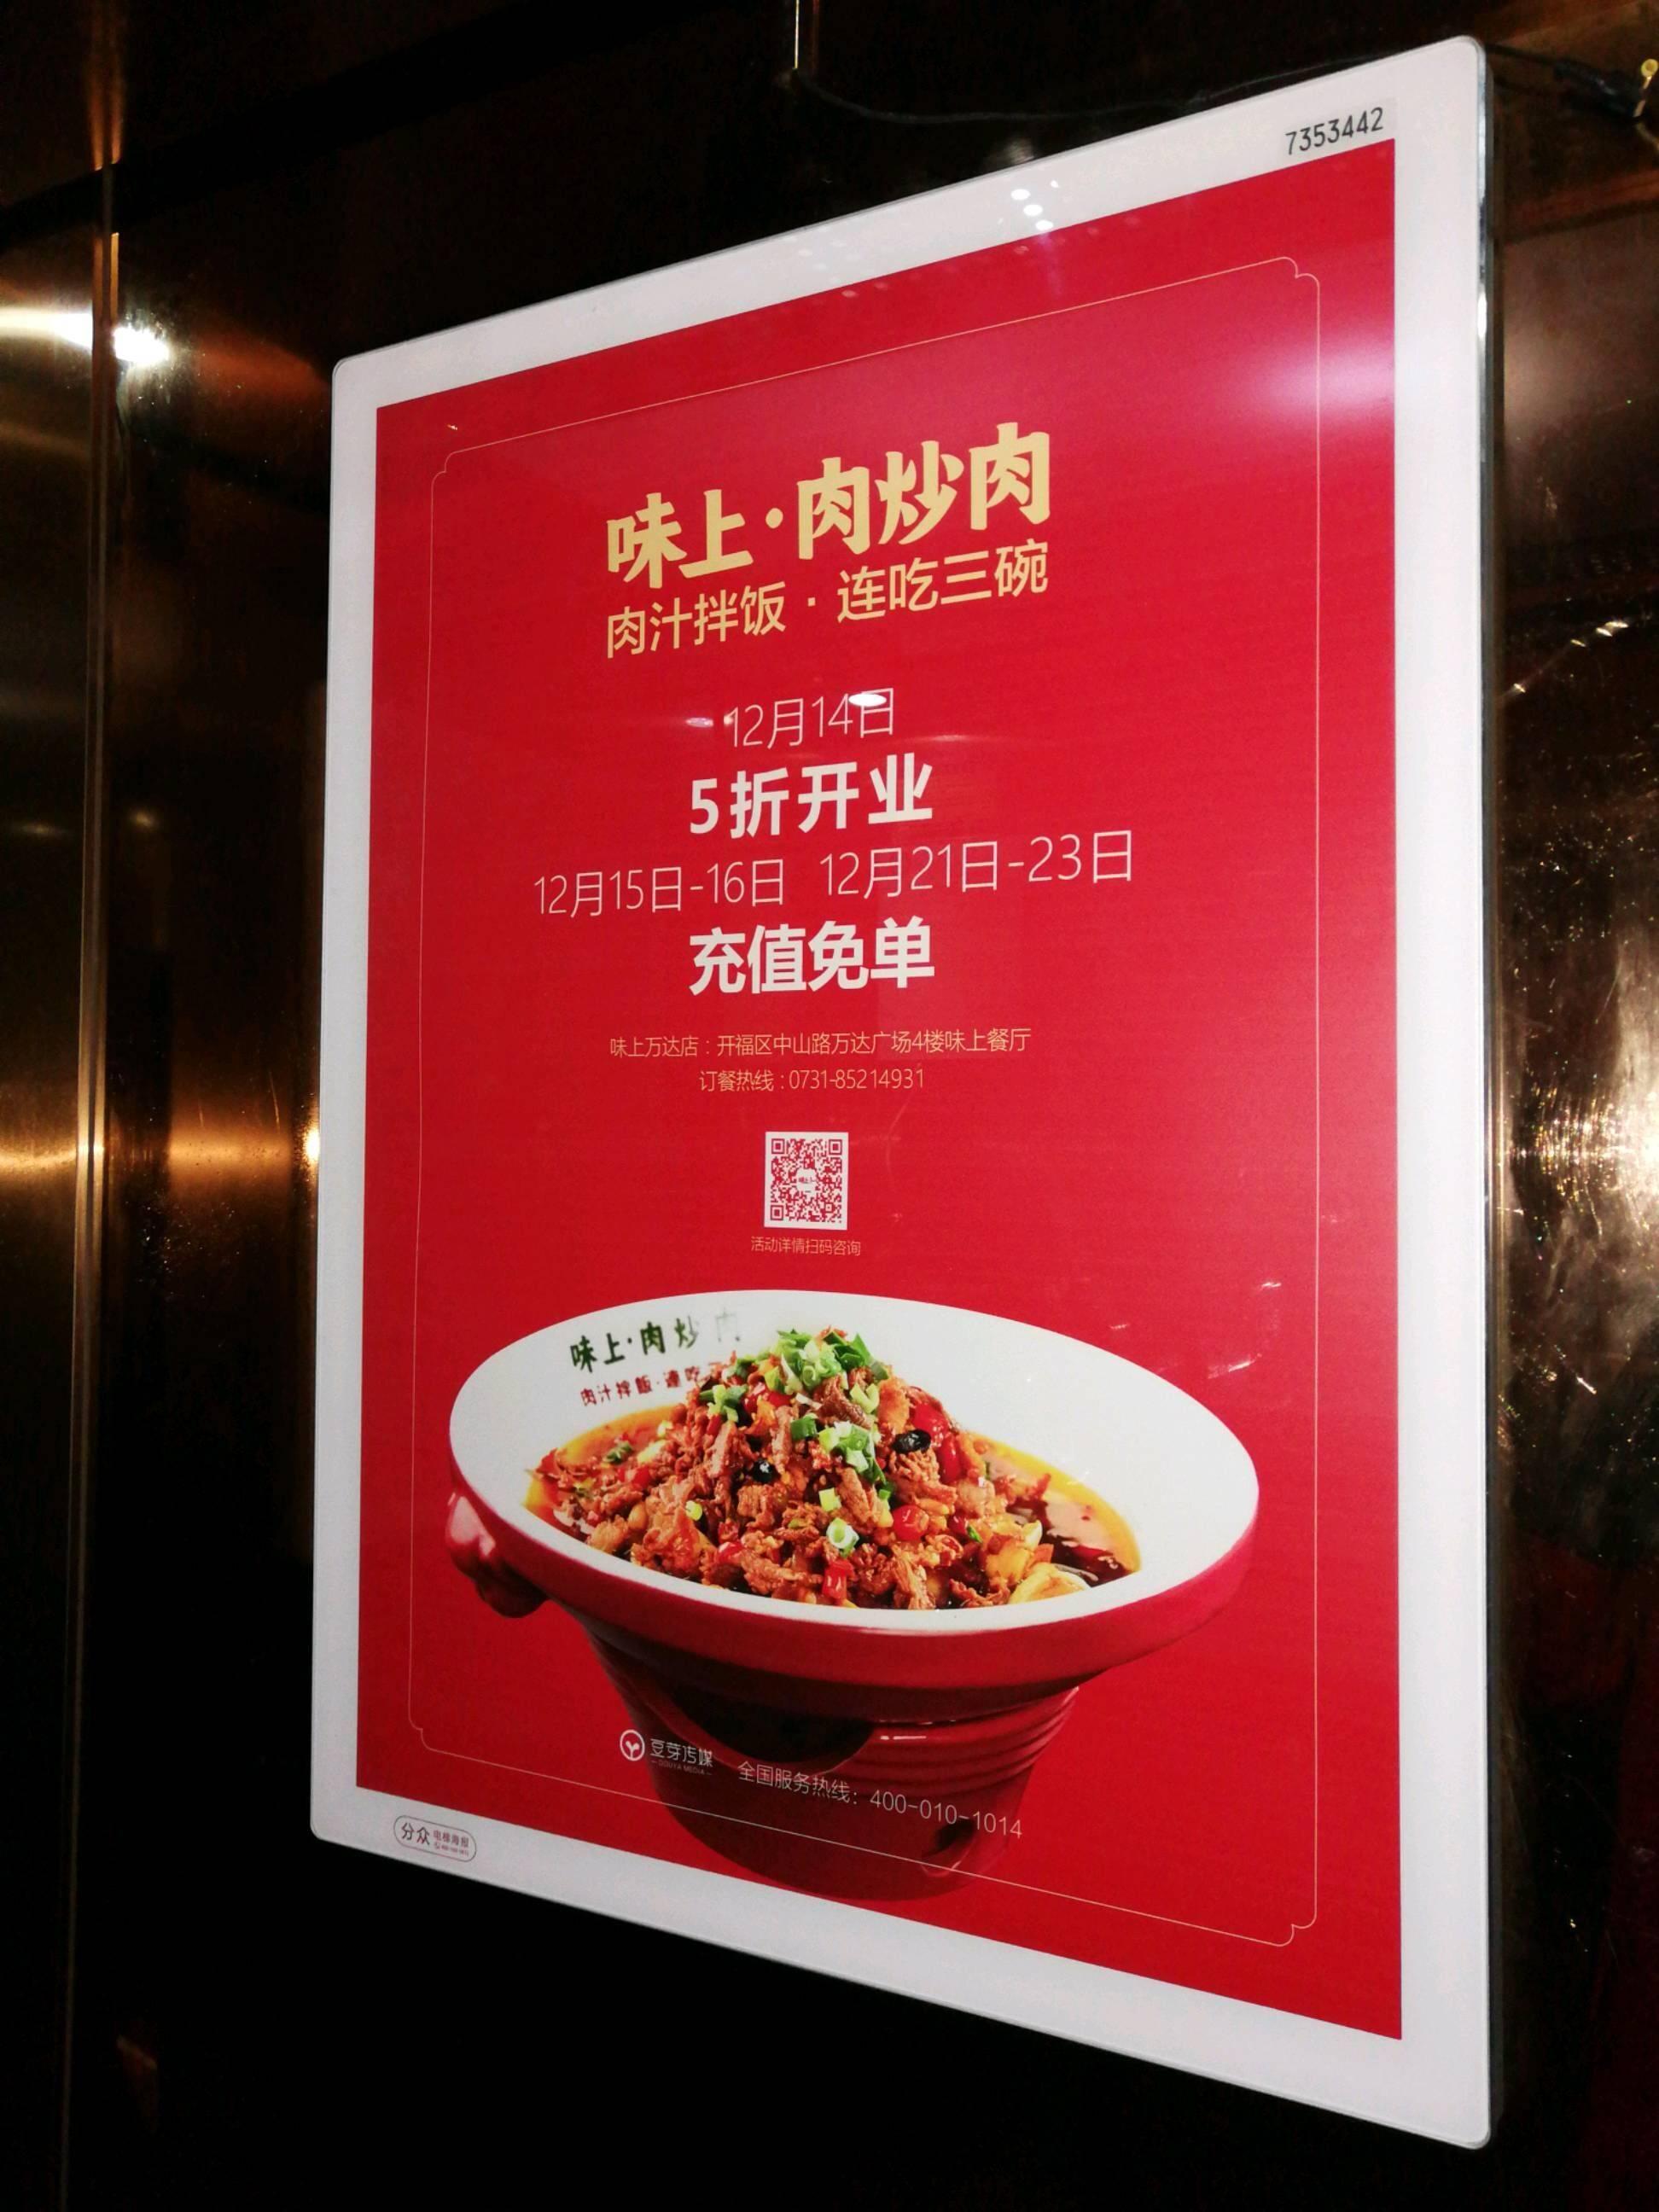 宁波电梯广告公司广告牌框架3.0投放(100框起投)